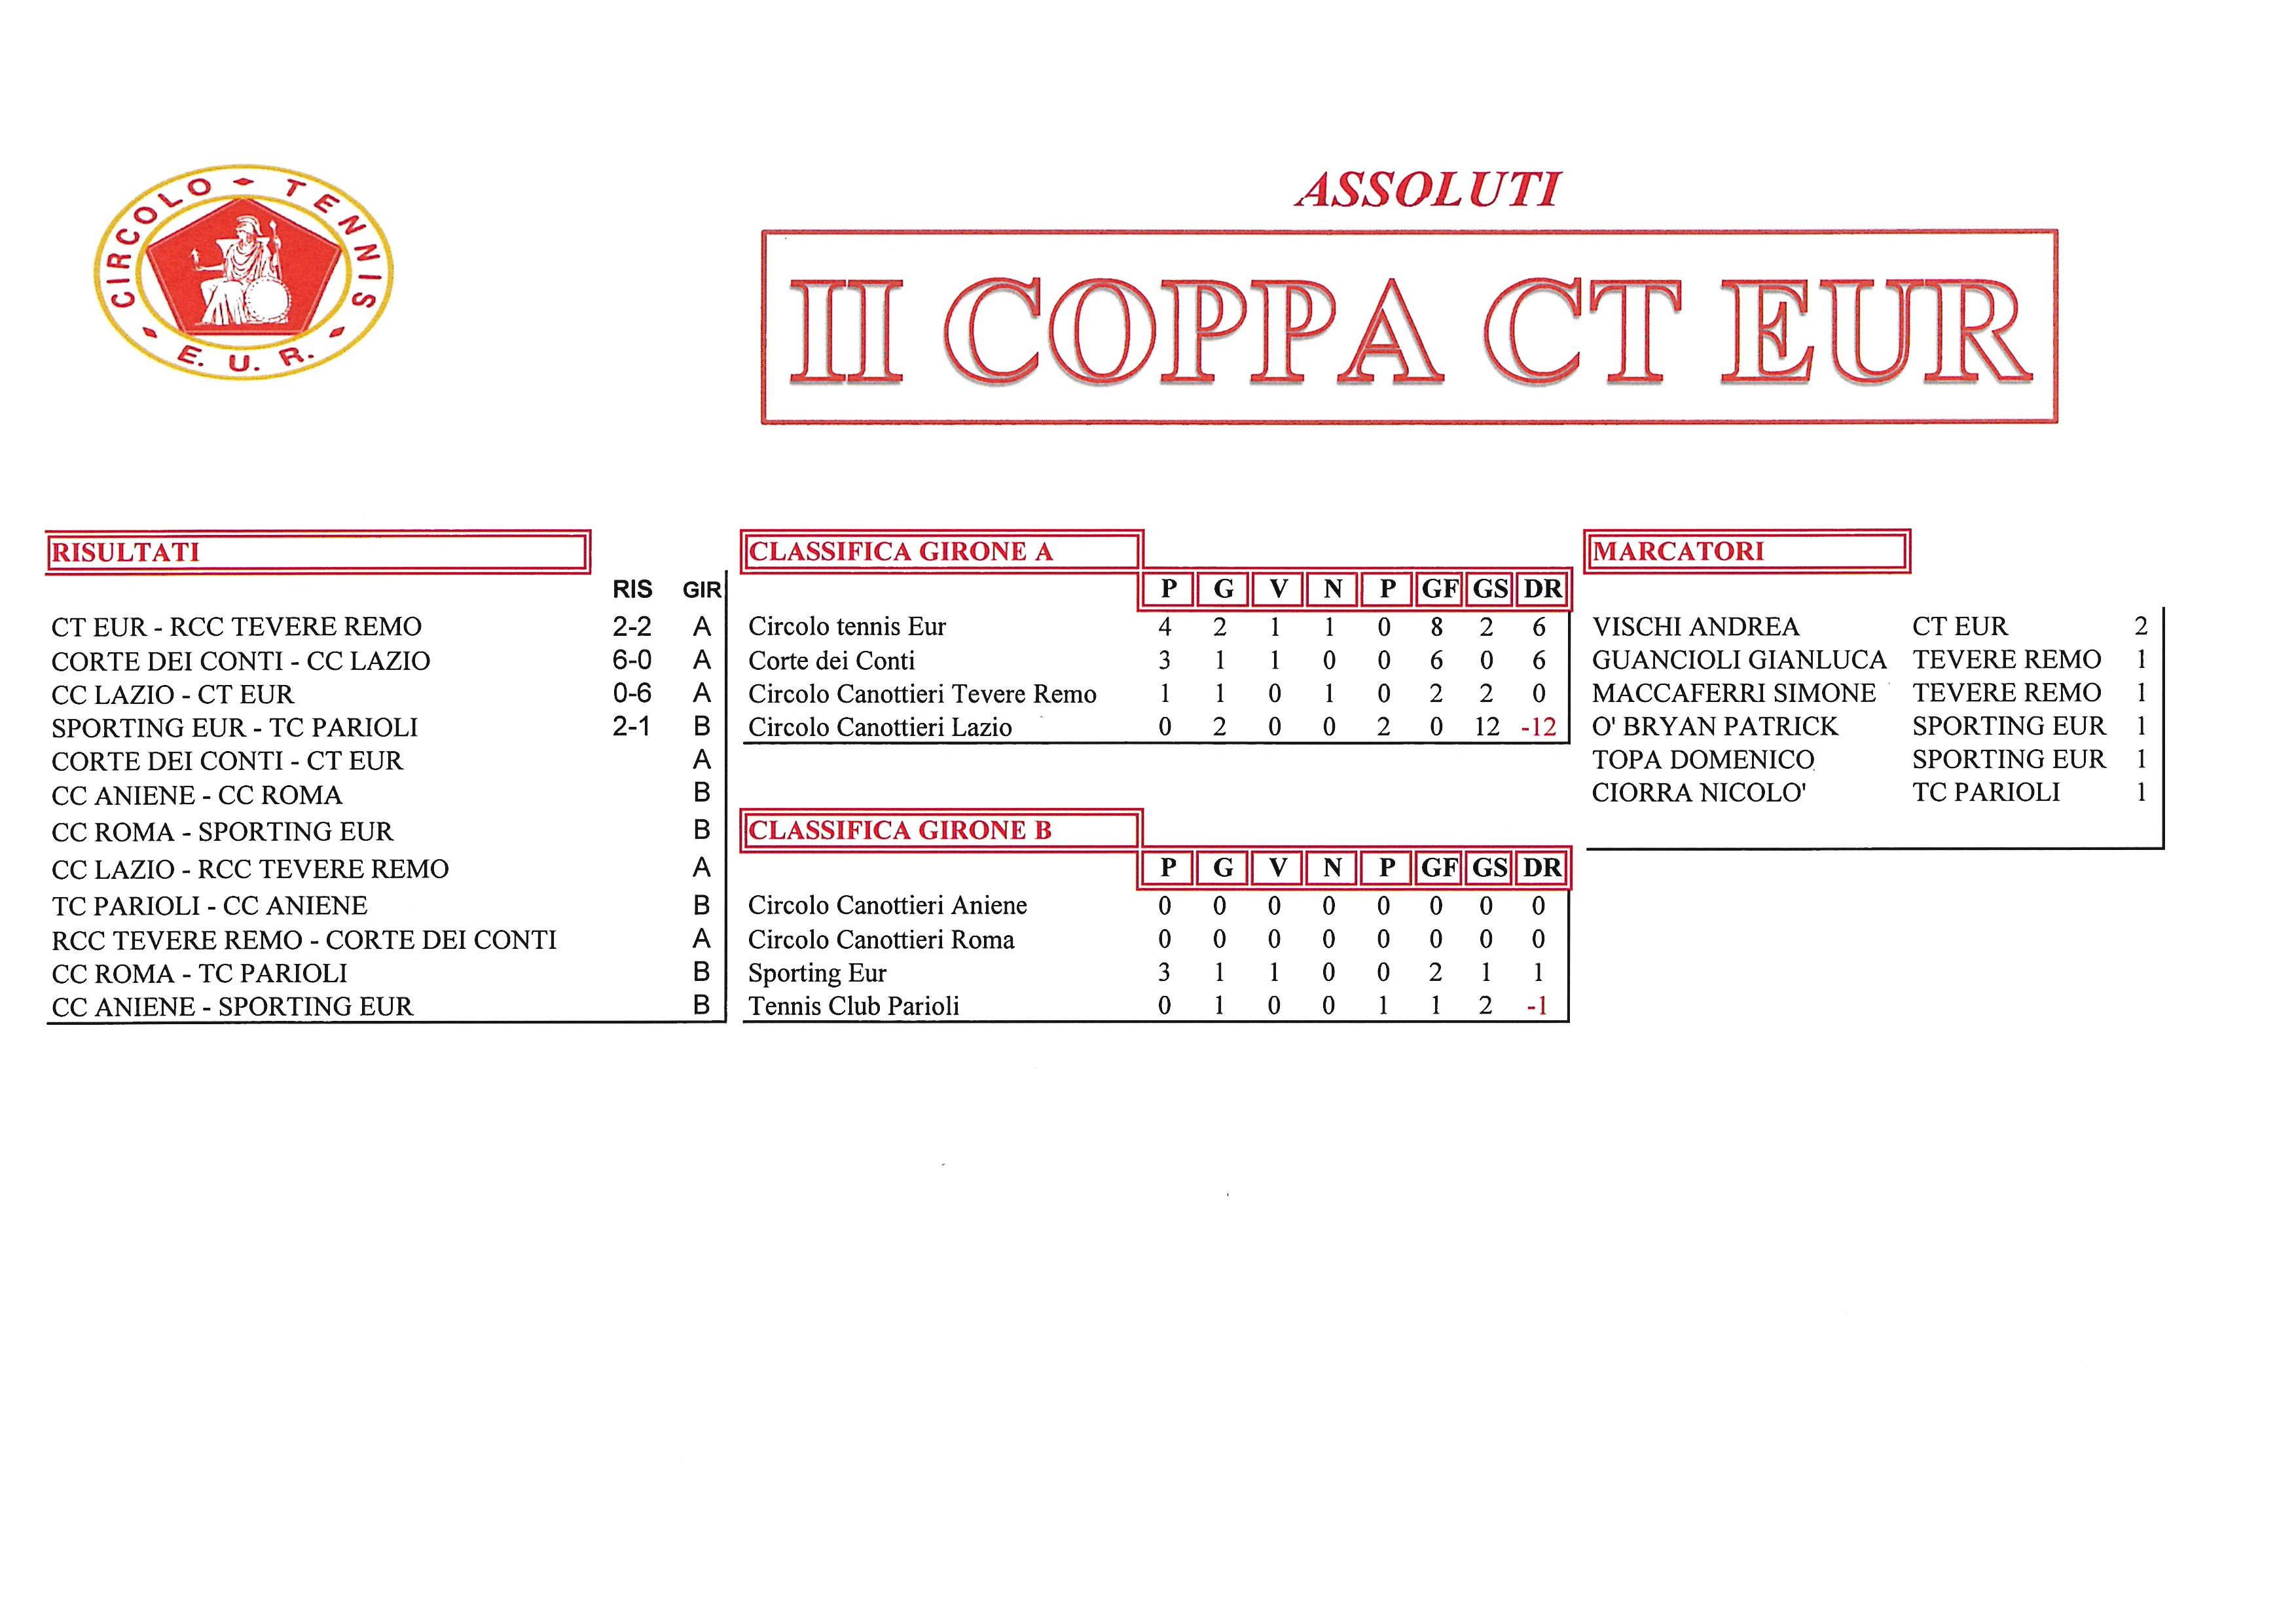 Coppa-CT-Eur-risultati-del-22-settembre2017-Assoluti